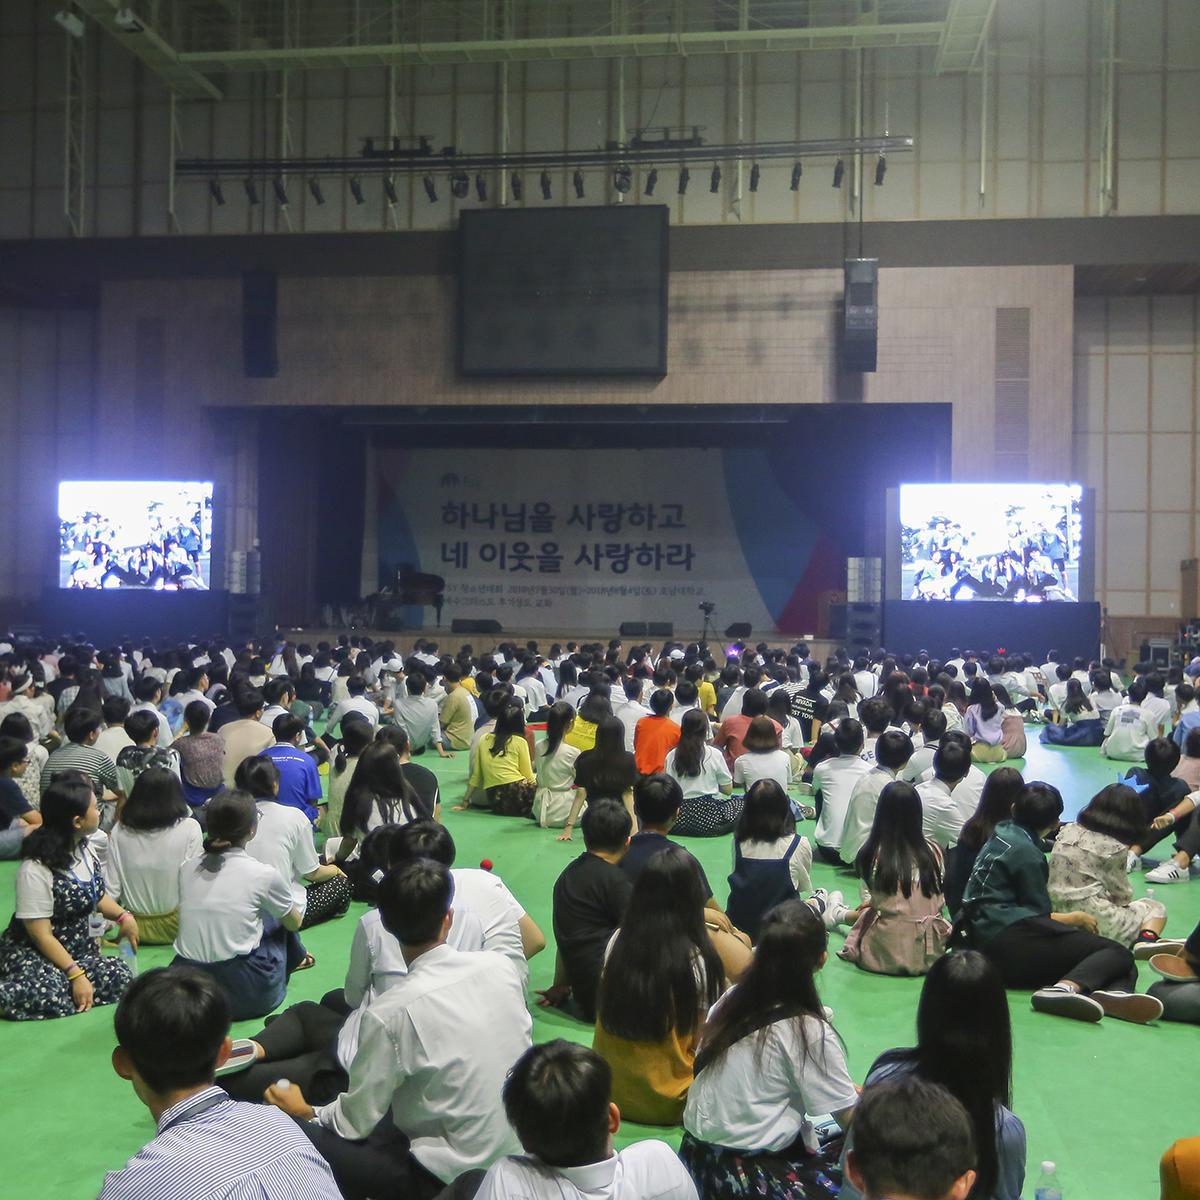 체육관에서 슬라이드쇼 감상 중인 참가자들